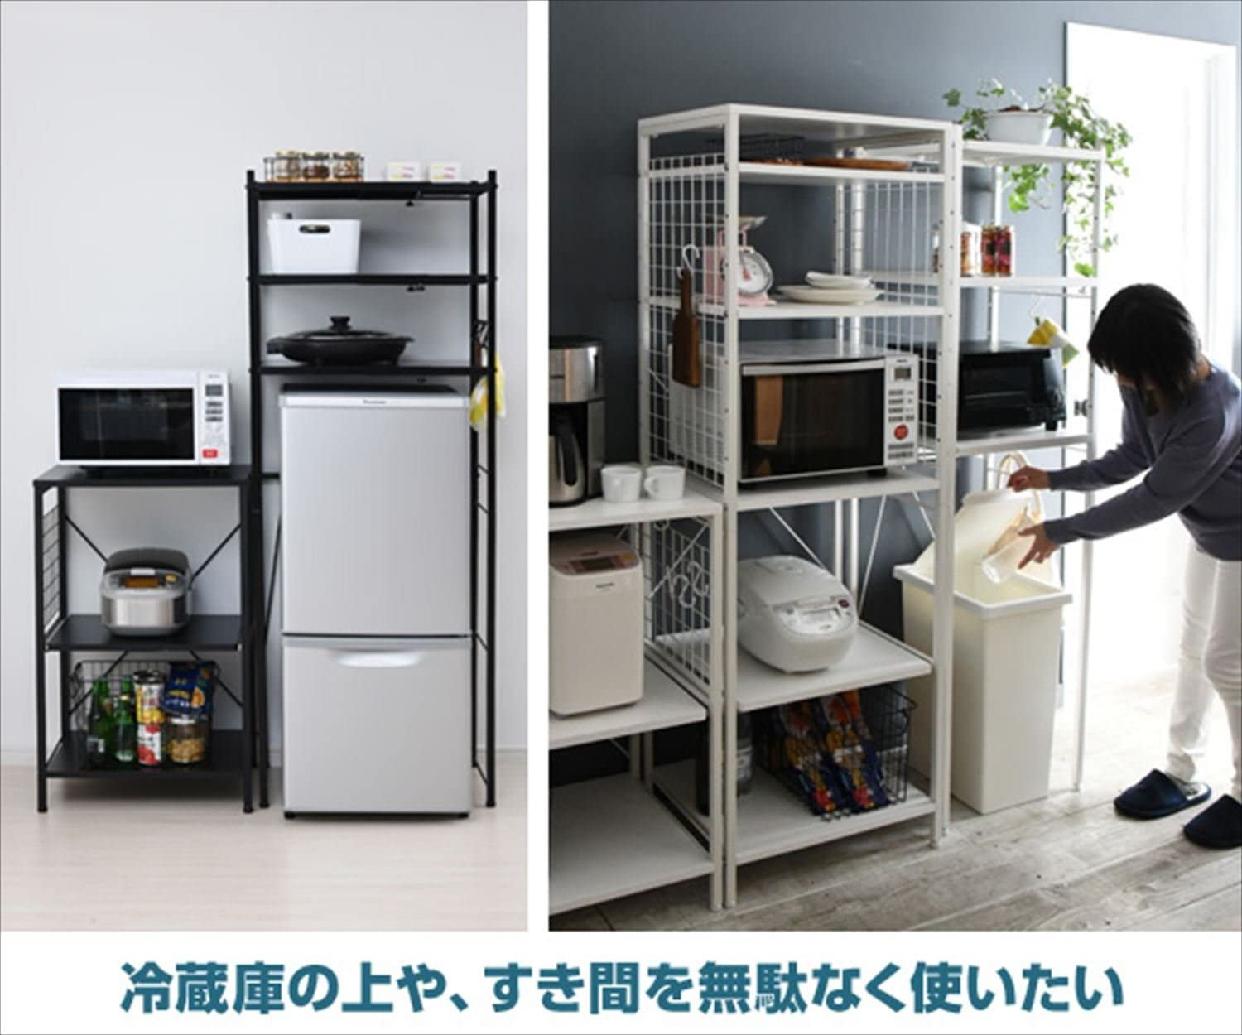 YAMAZEN(ヤマゼン)すっきりキッチンラック 伸縮タイプ/RPE-3 幅50-79.5cmの商品画像14